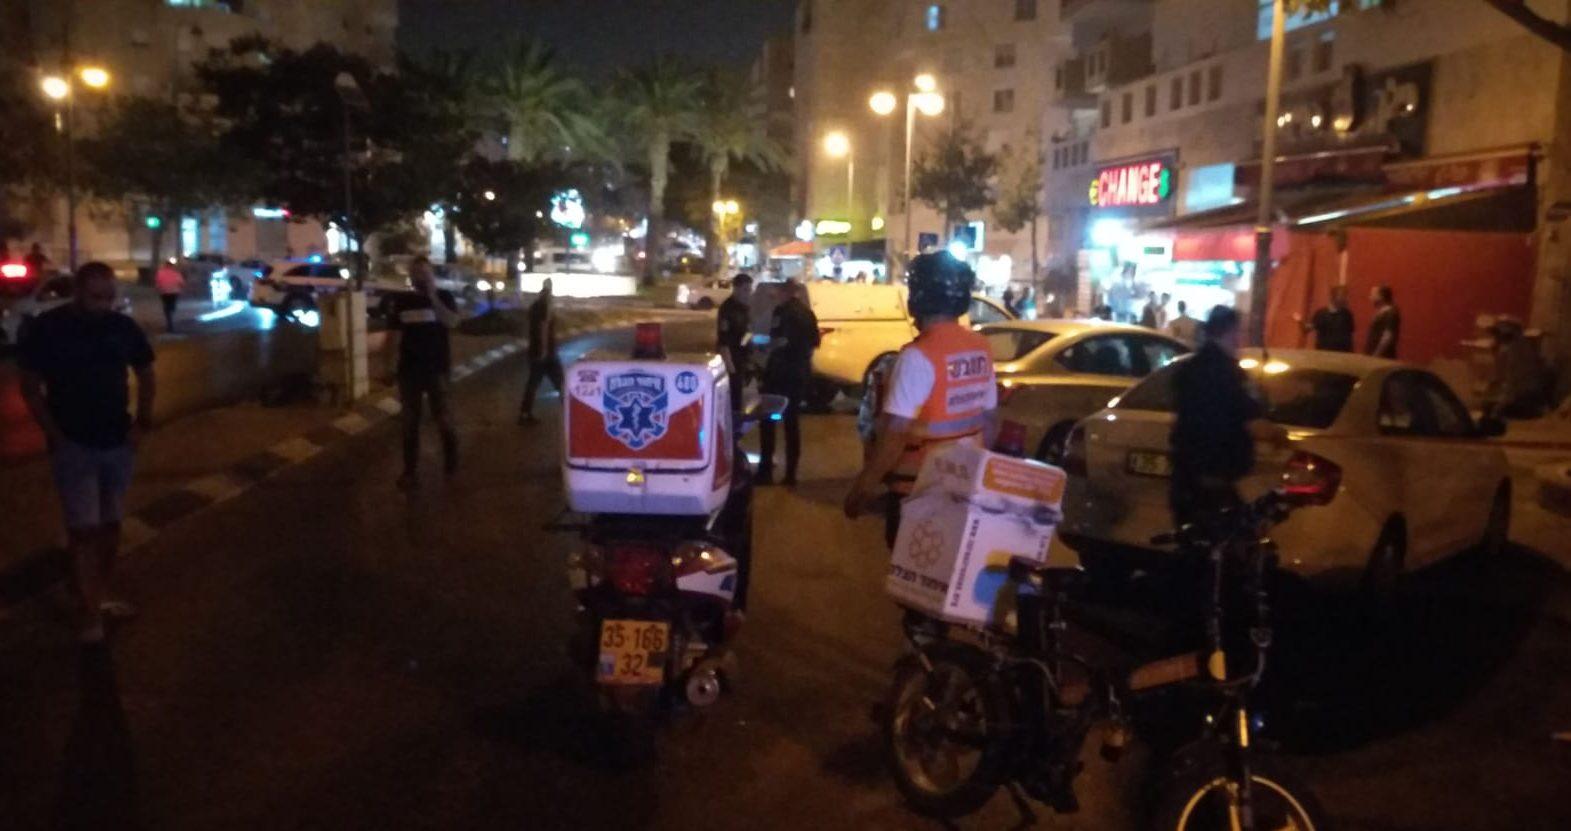 בן 60 נפצע מירי ברחוב ז'בוטינסקי בבאר שבע